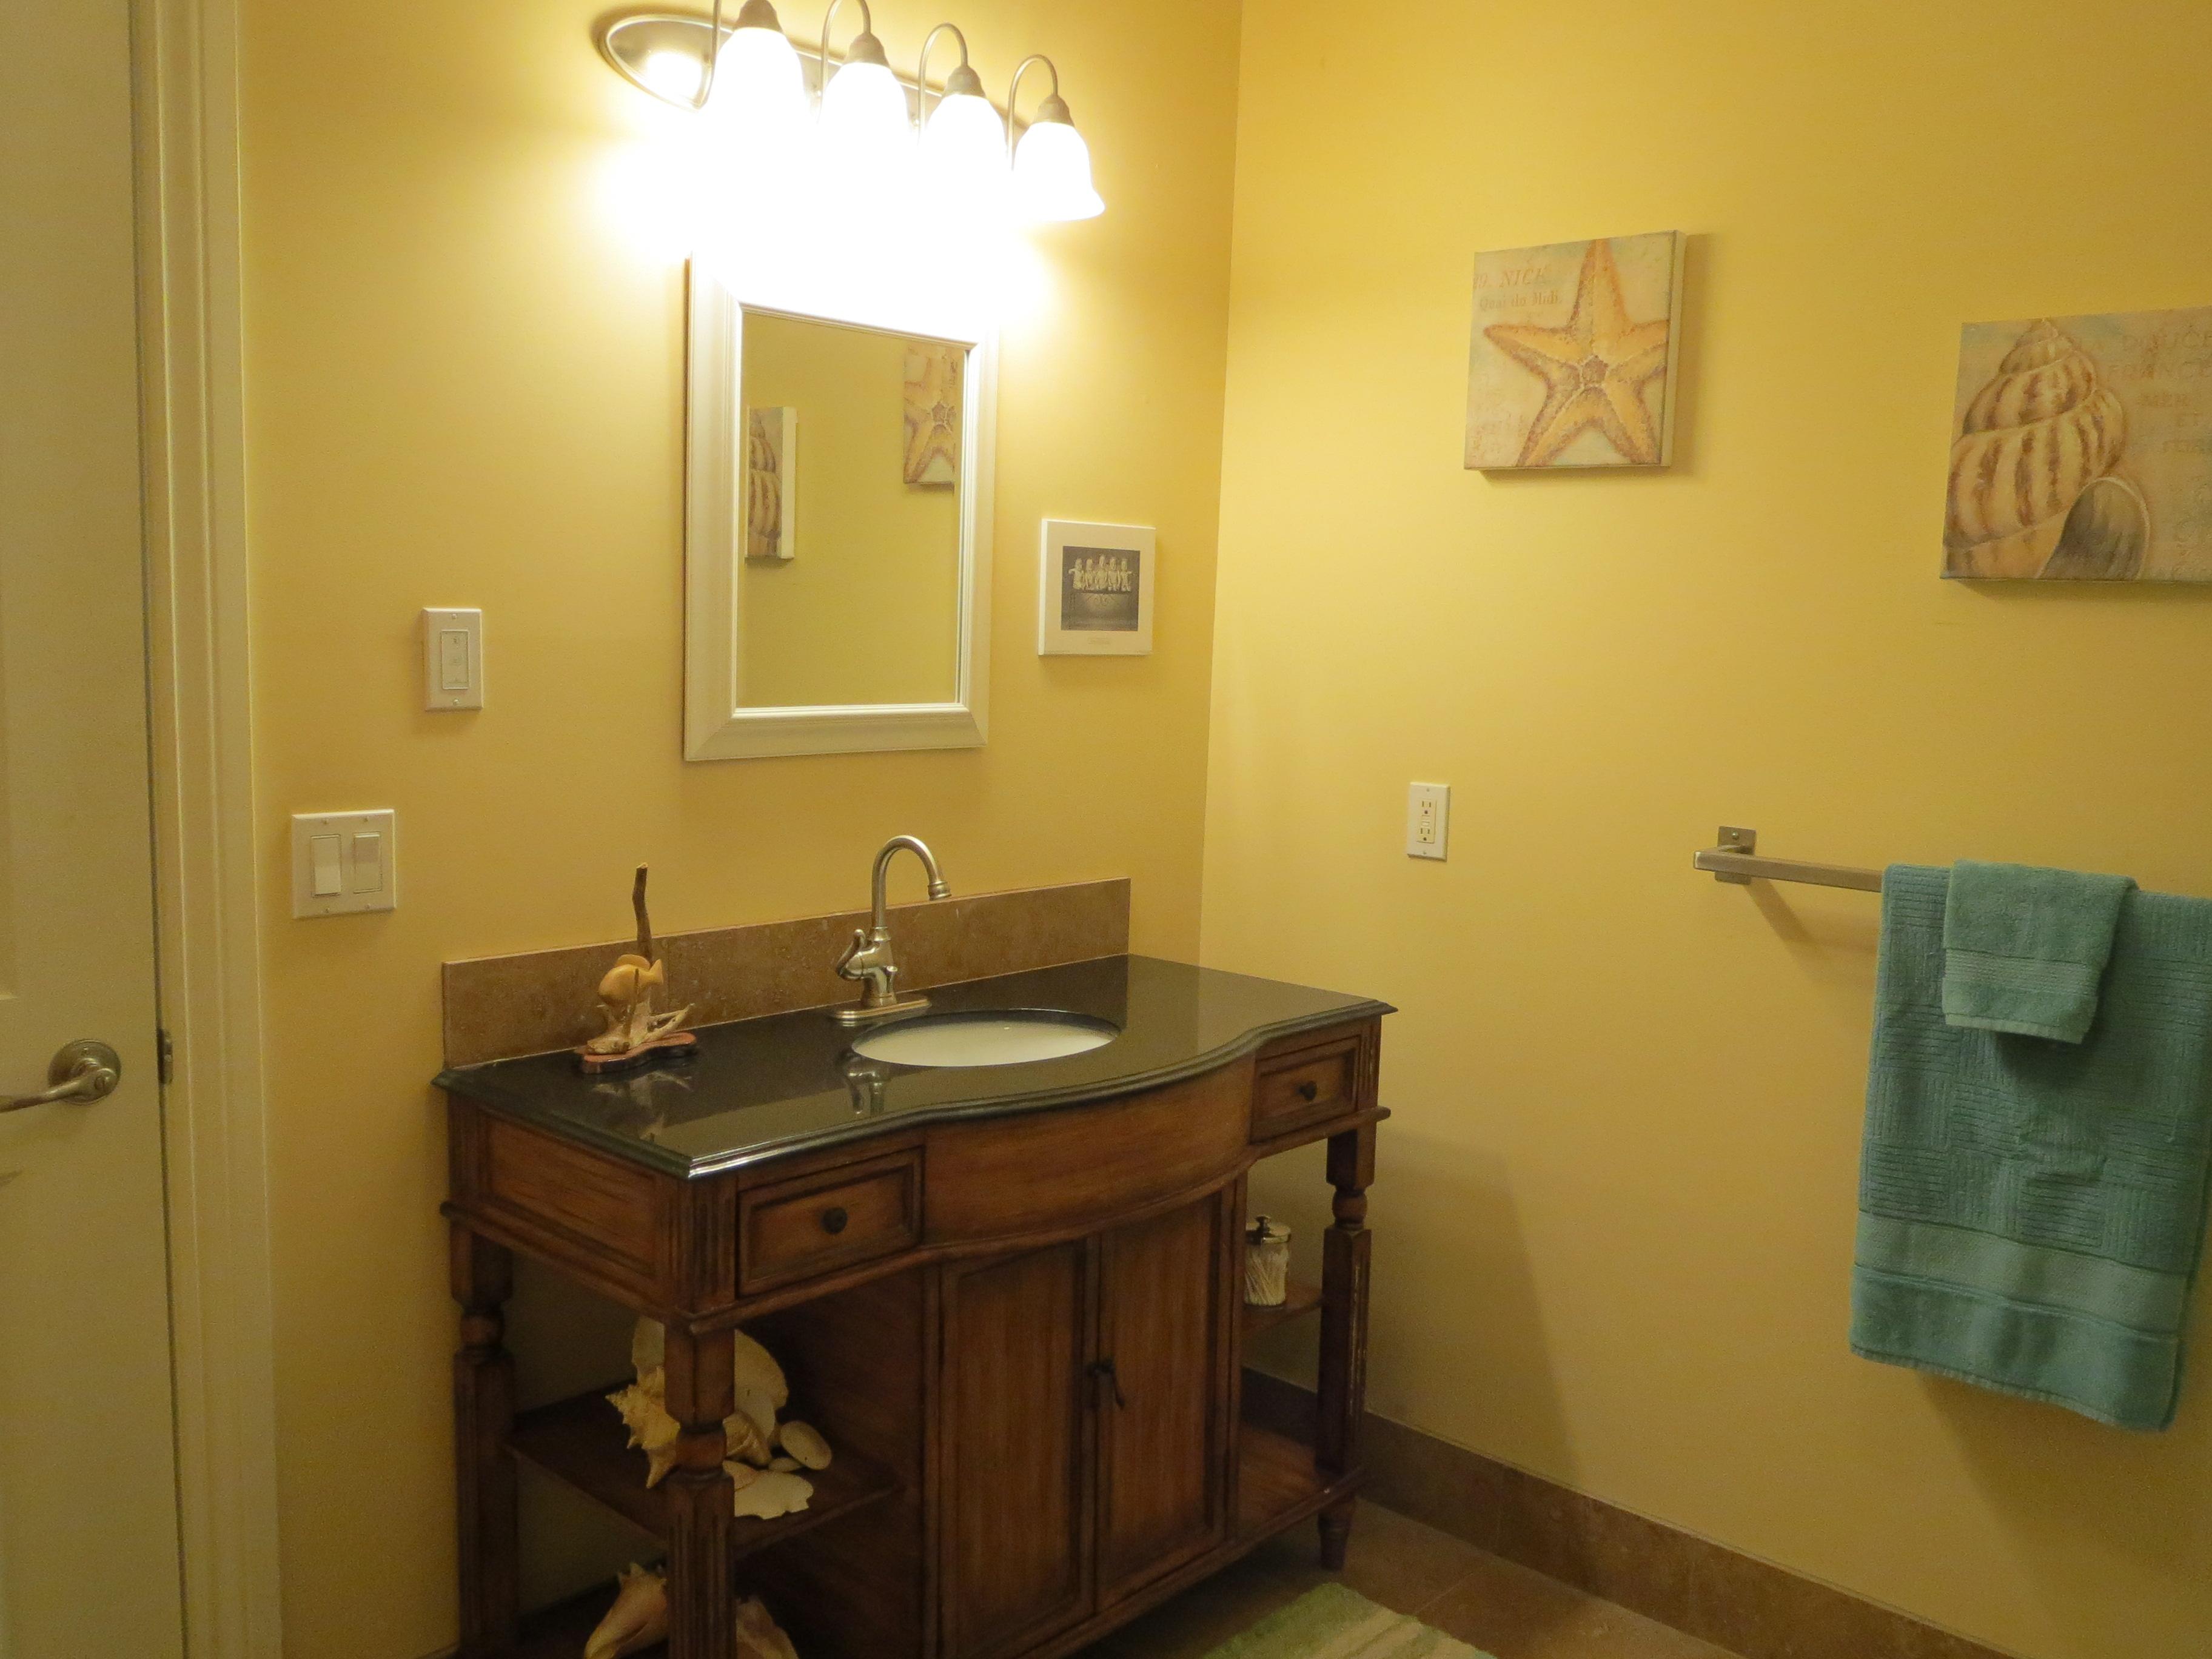 44 Bathroom